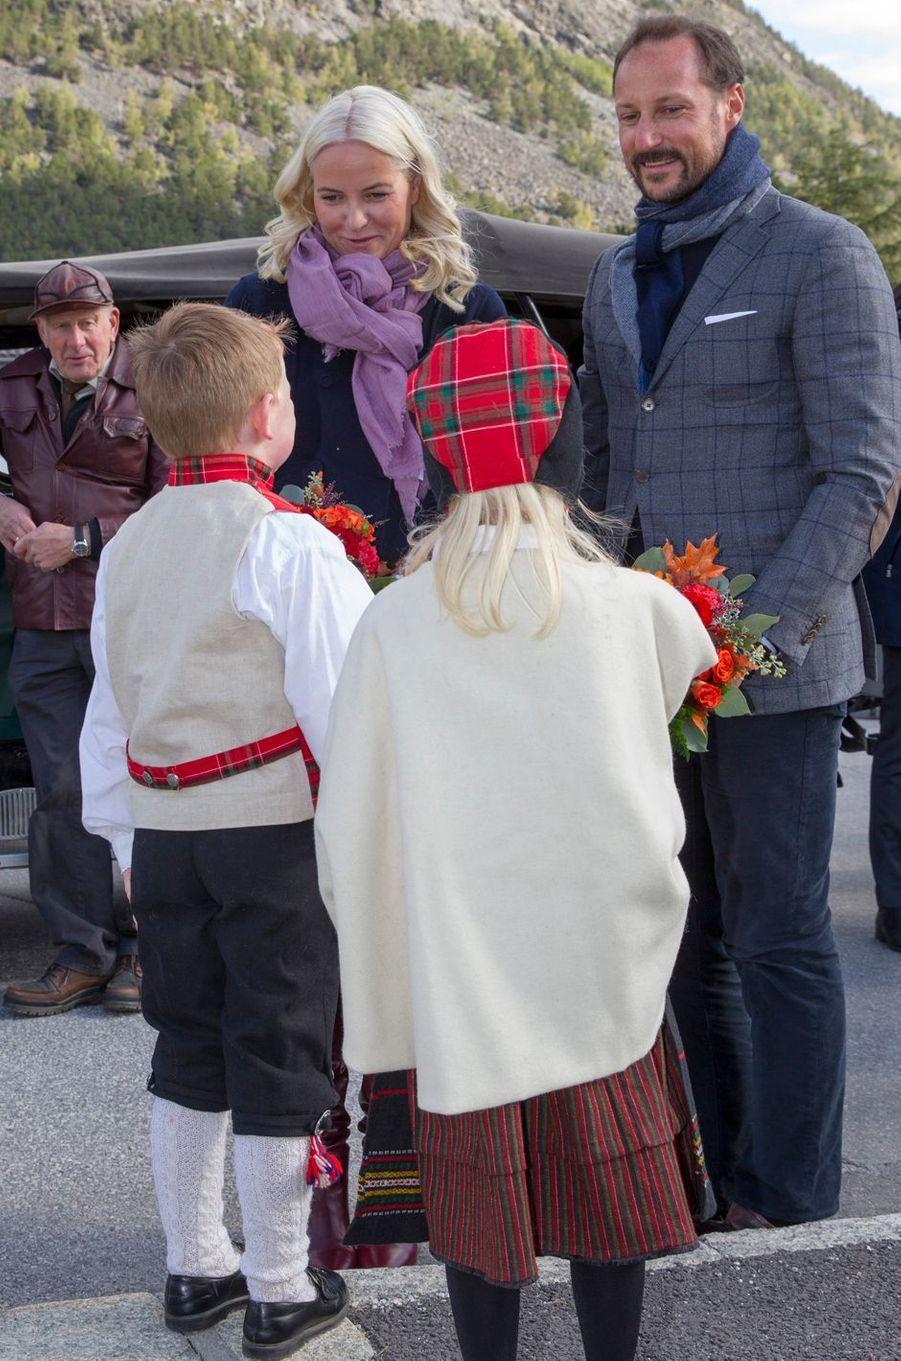 La princesse Mette-Marit et le prince Haakon de Norvège à Skjak, le 18 septembre 2019